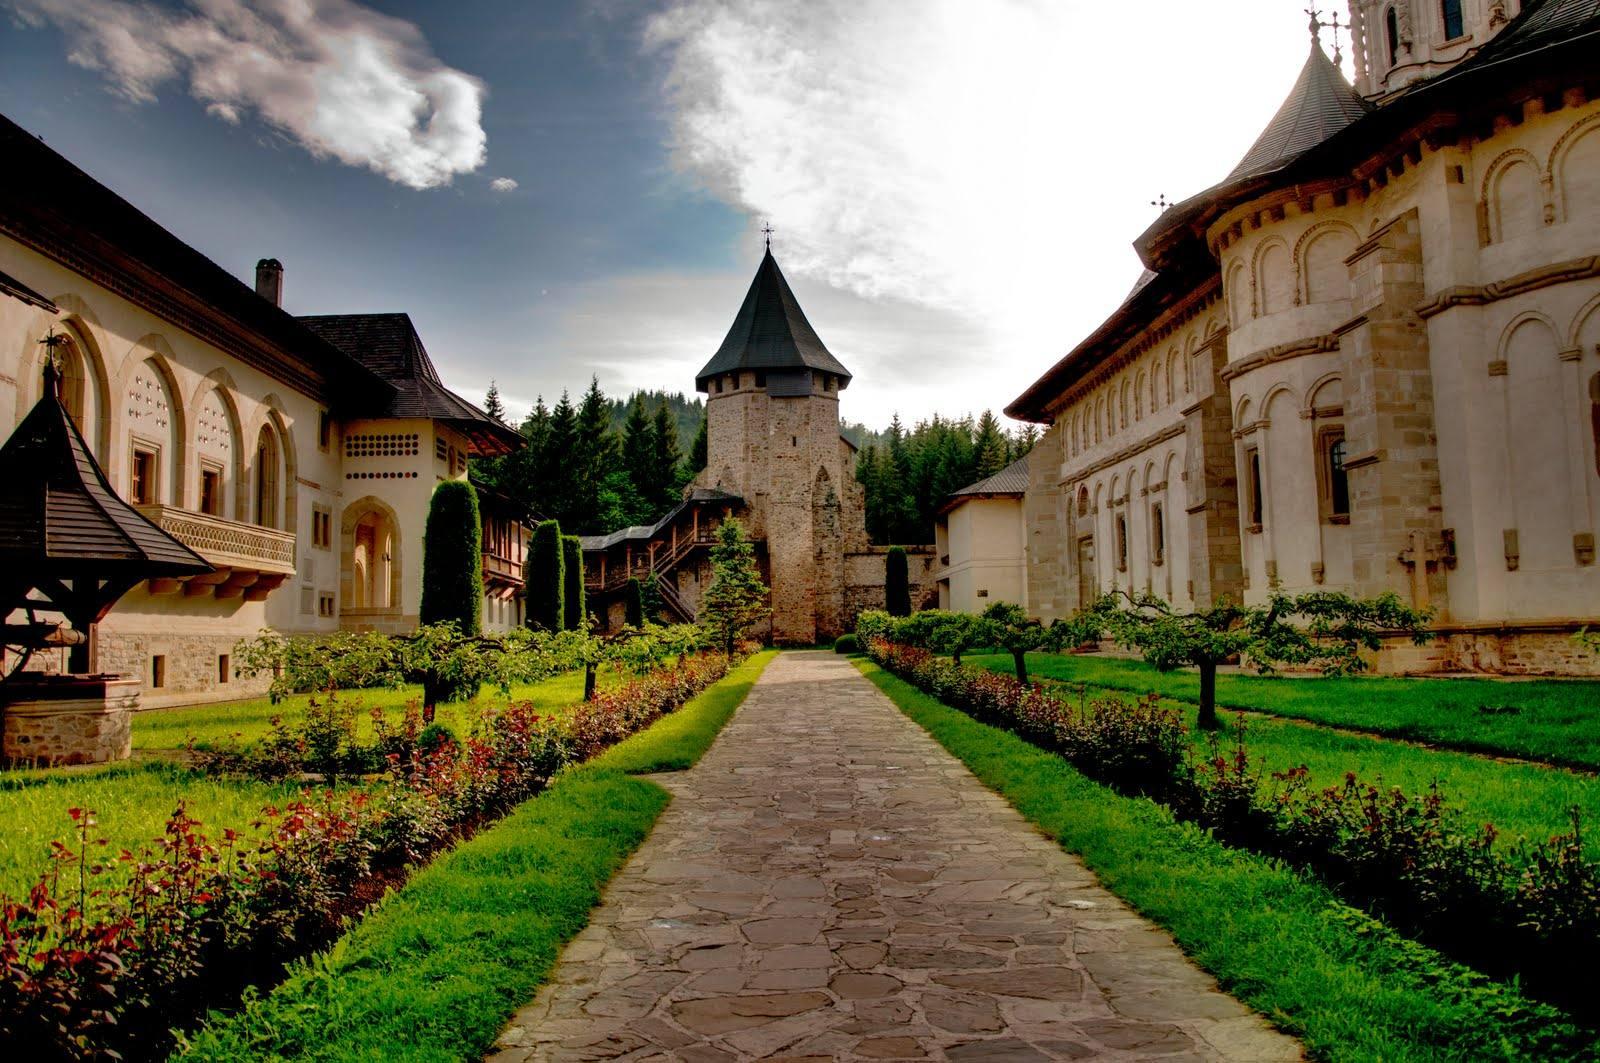 Suceava şi Bucovina ar putea fi promovate ca destinaţii turistice în China, după modelul Croaţiei